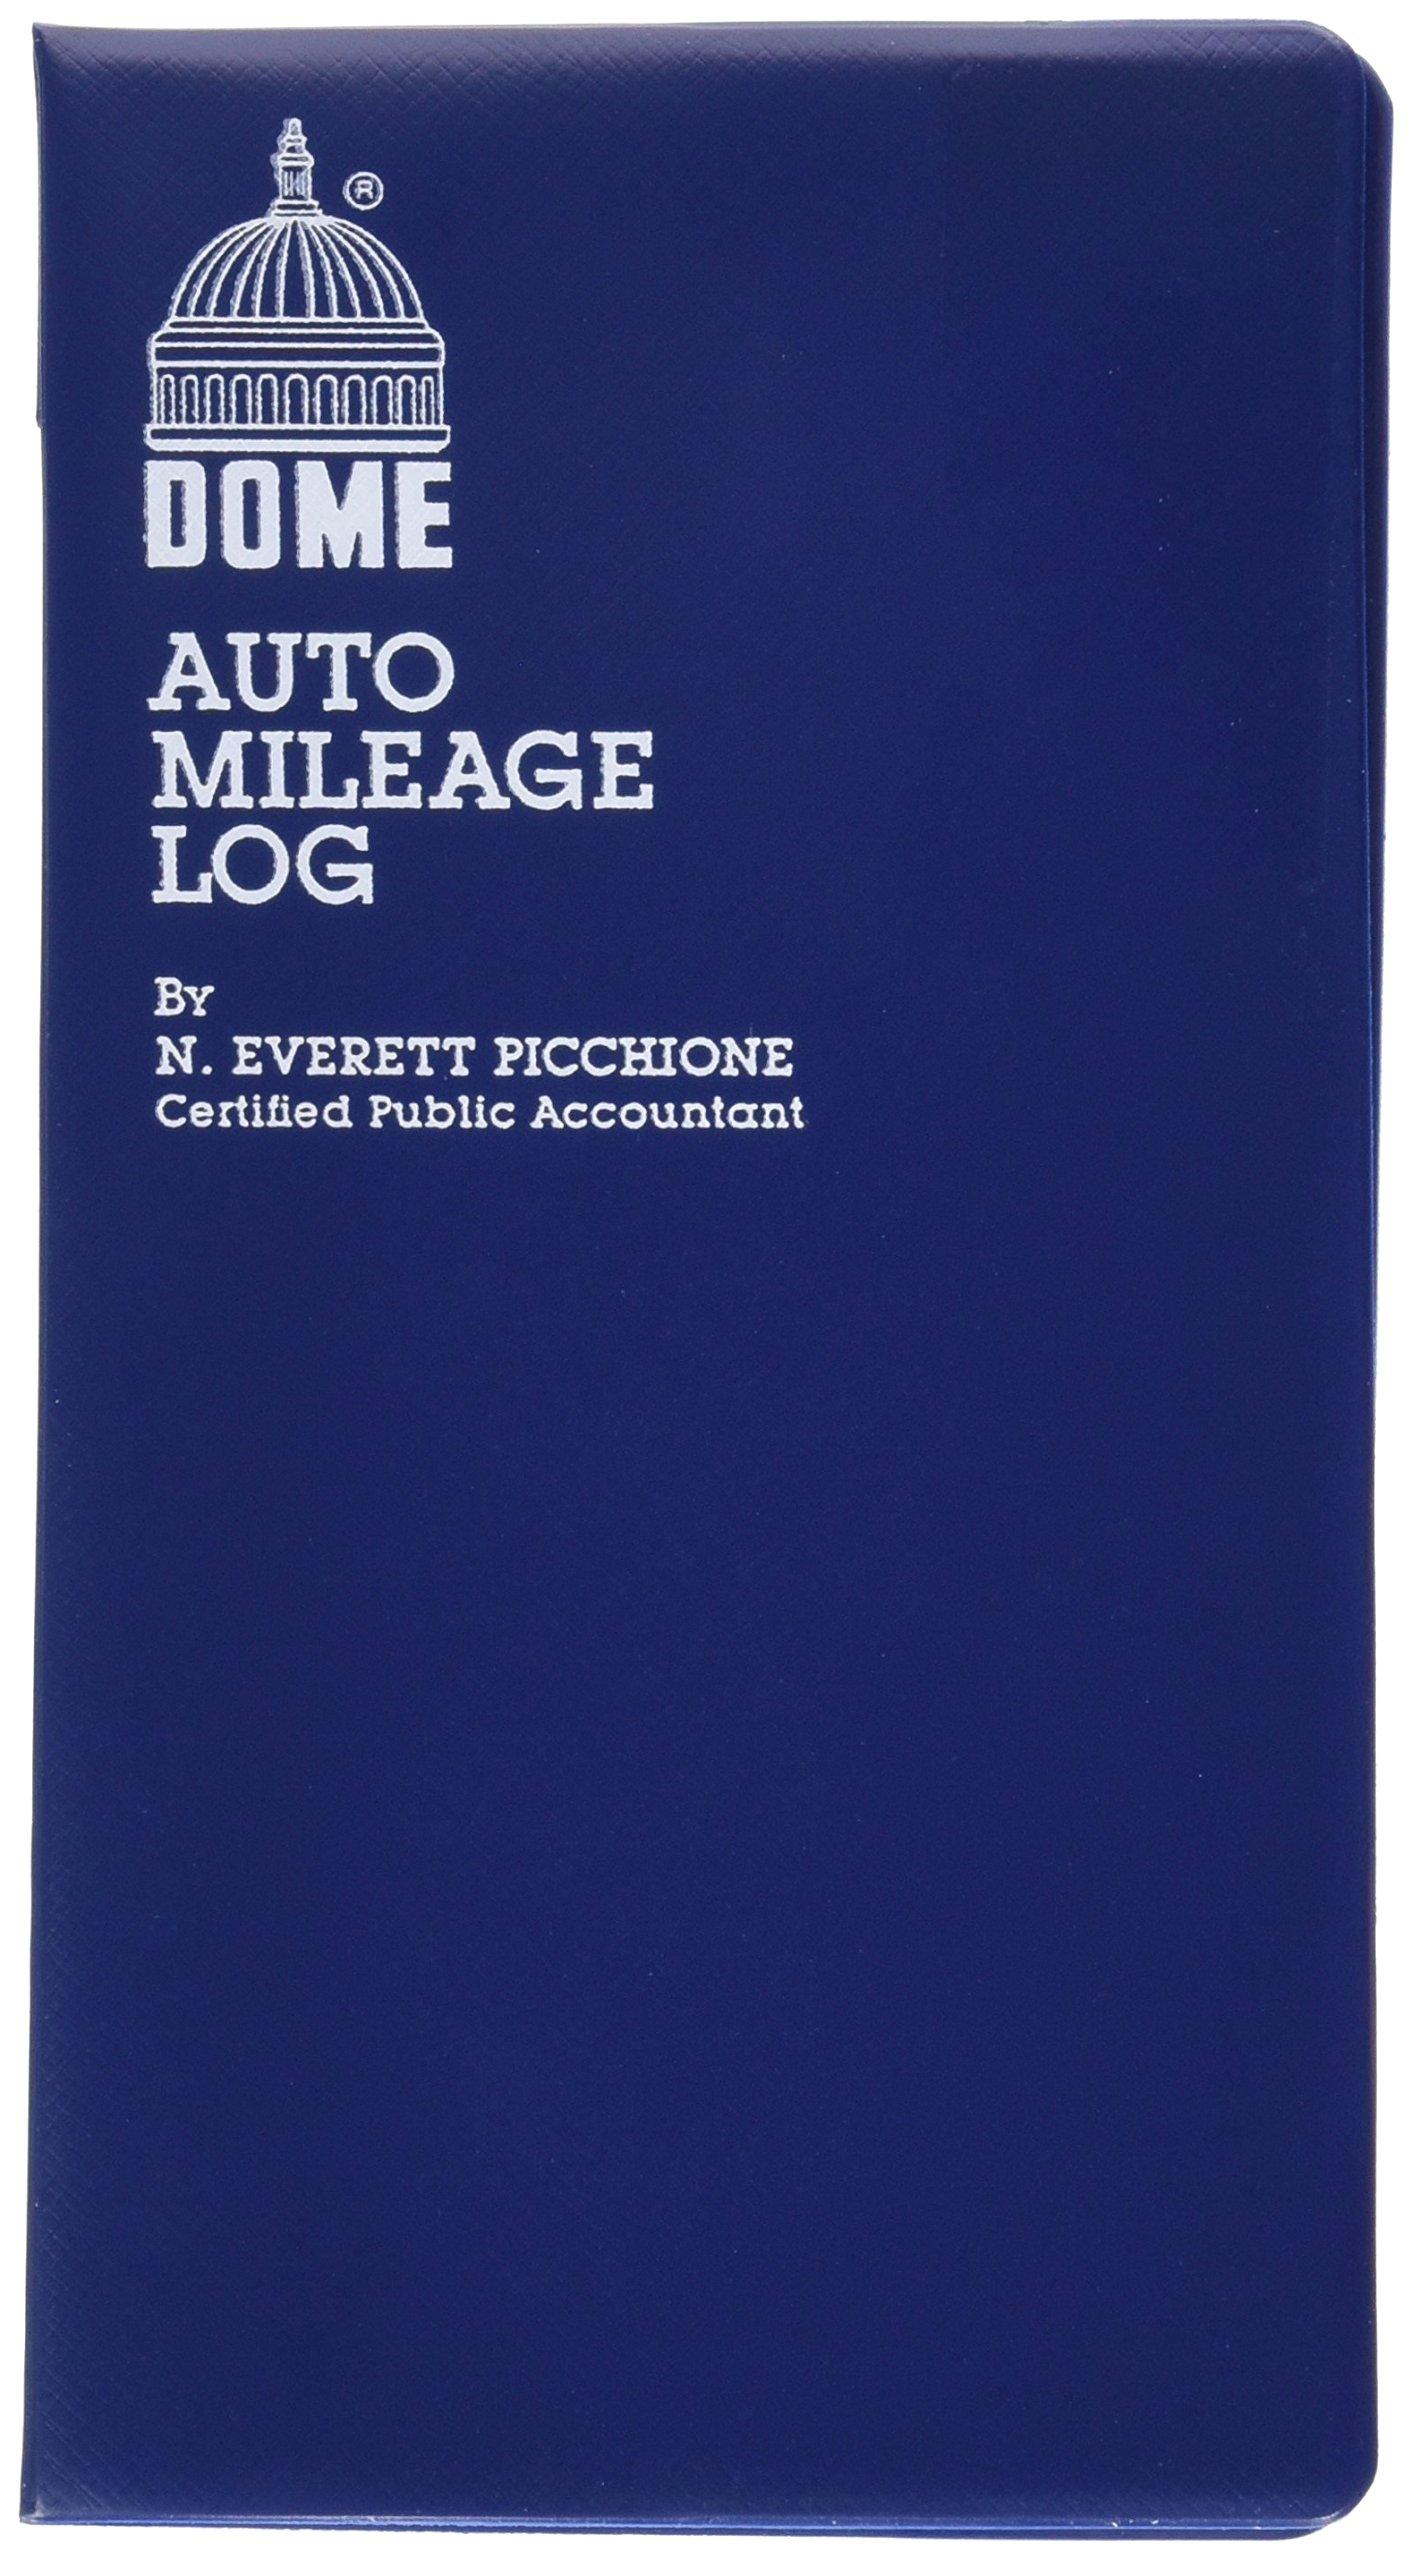 Dome(R) Auto Mileage Log, Vinyl Cover, 3 1/4in. x 6 1/4in., Blue